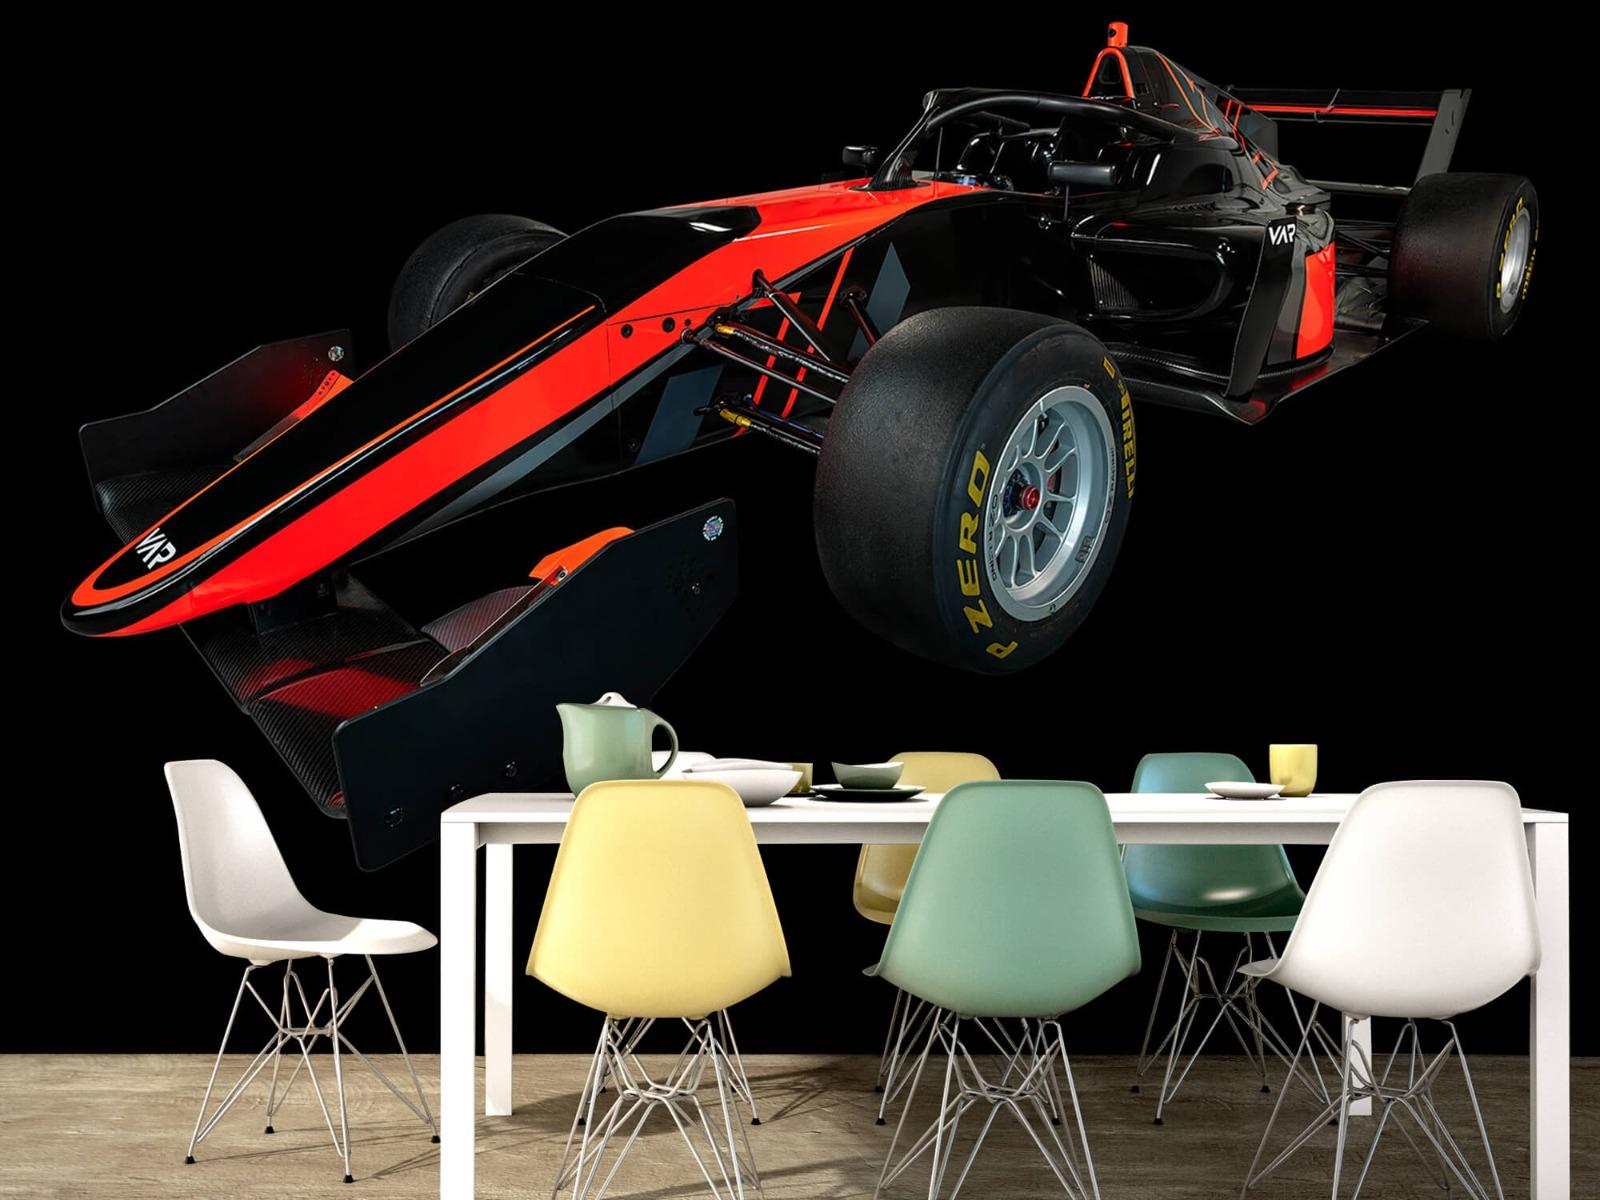 Sportauto's - Formule 3 - Left front view - dark - Vergaderruimte 15